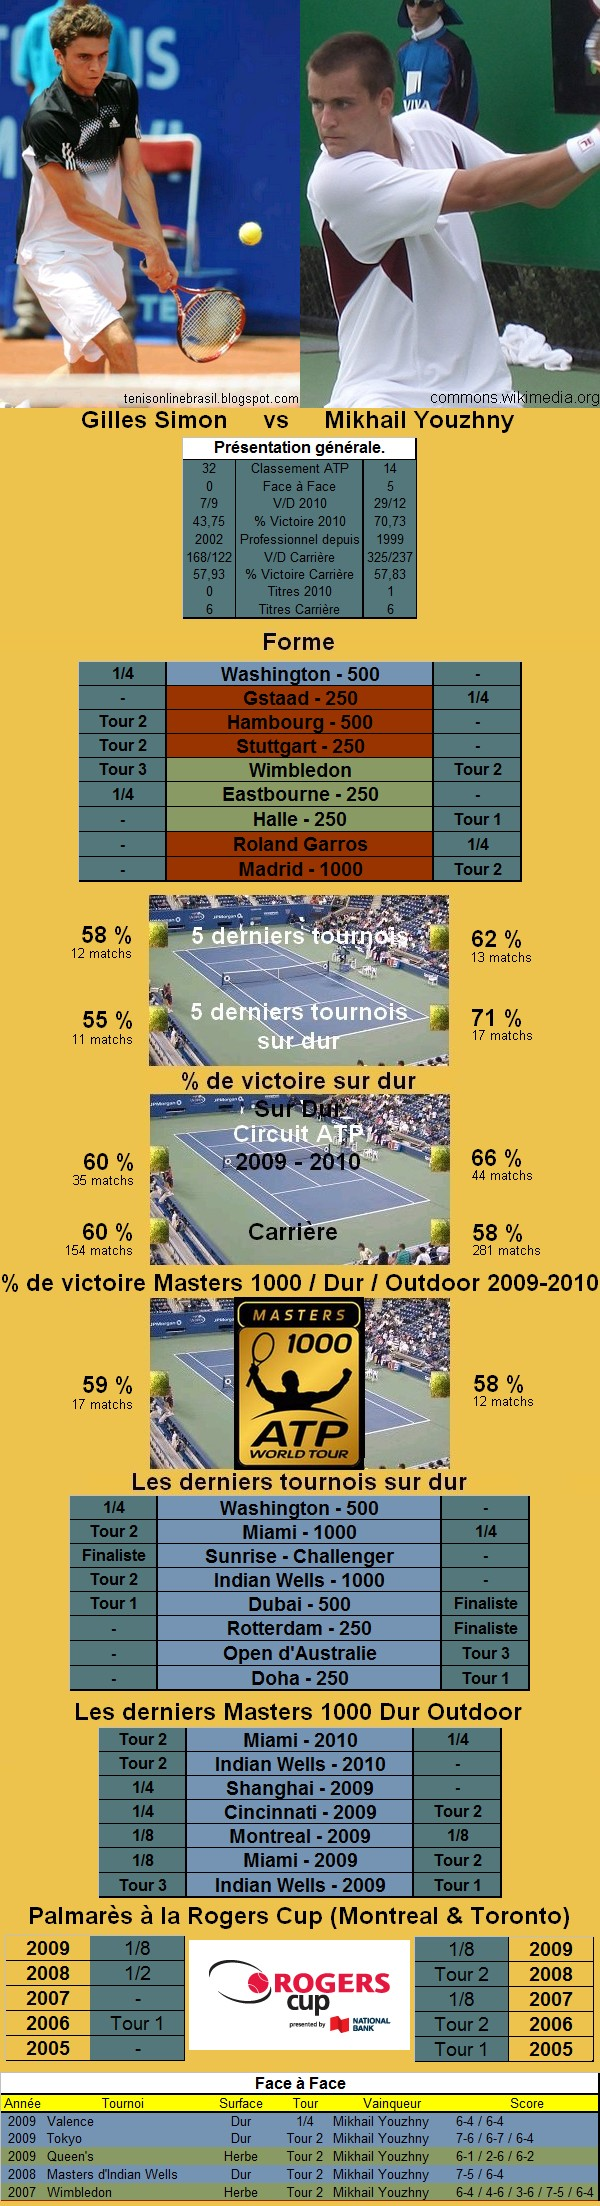 Statistiques tennis de Simon contre Youzhny à Toronto